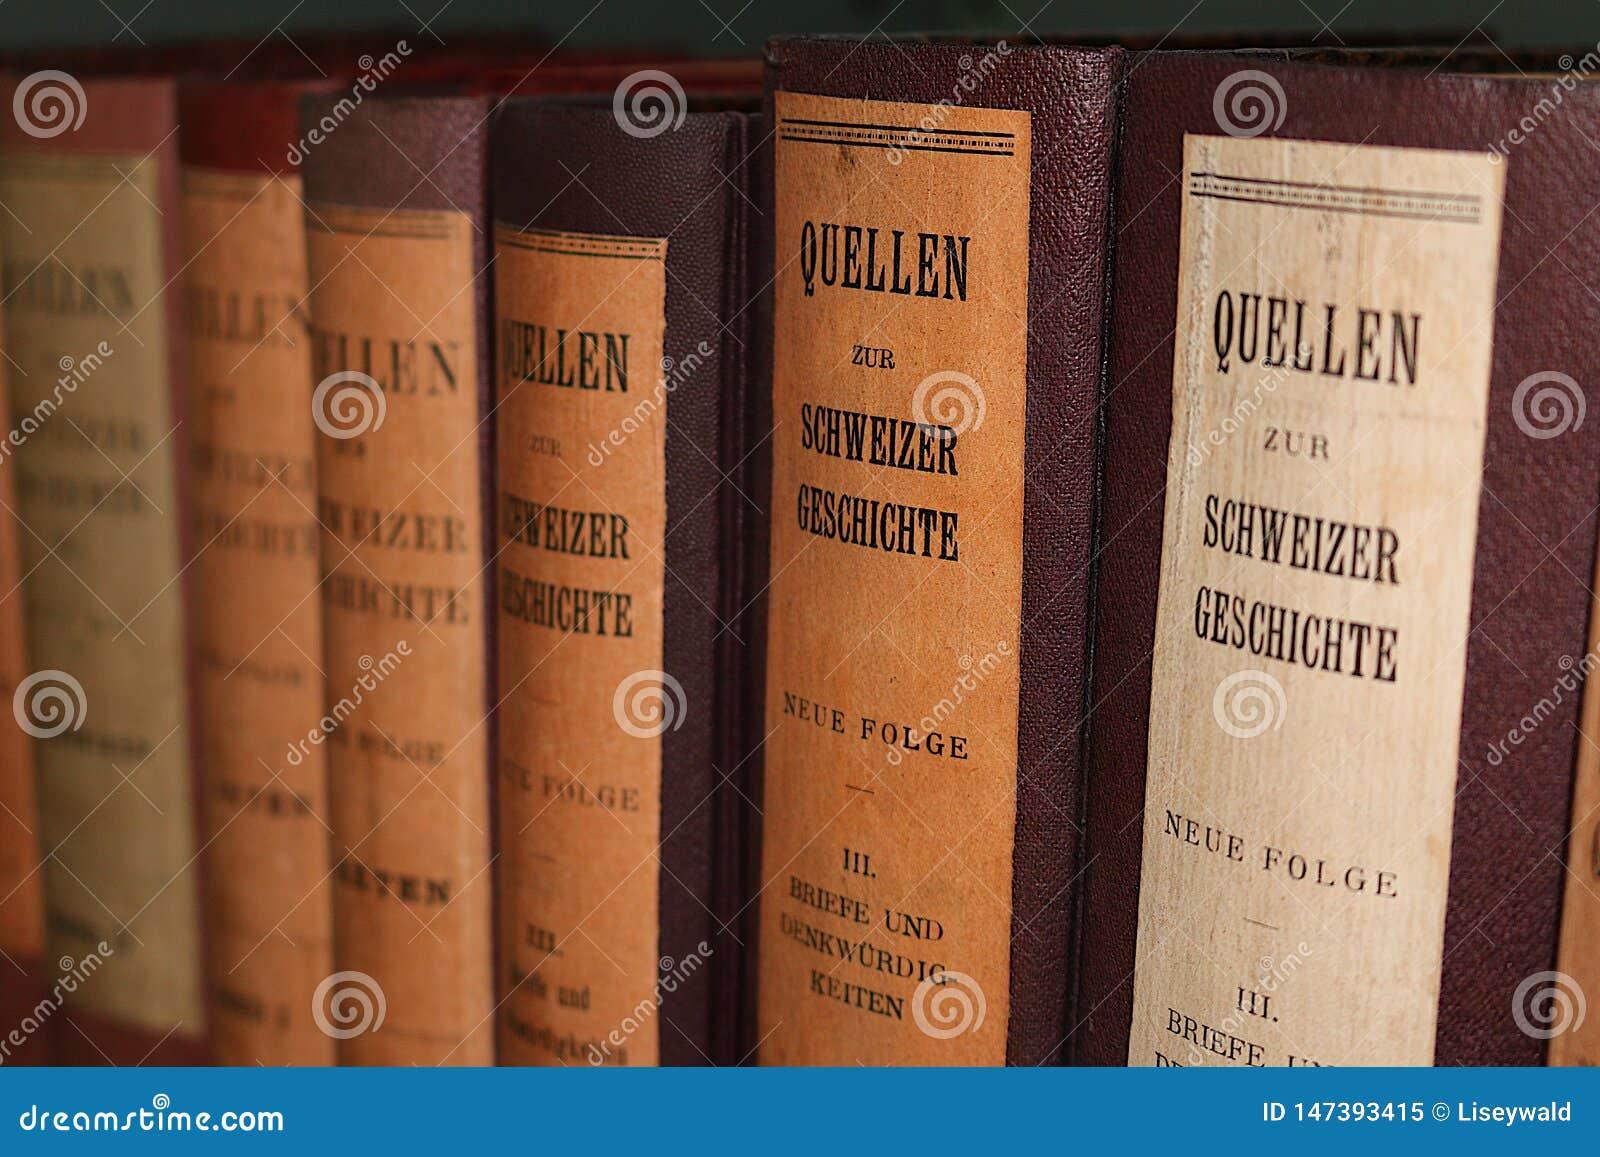 Fila de libros antiguos con las cubiertas de cuero y los títulos alemanes en letras negras